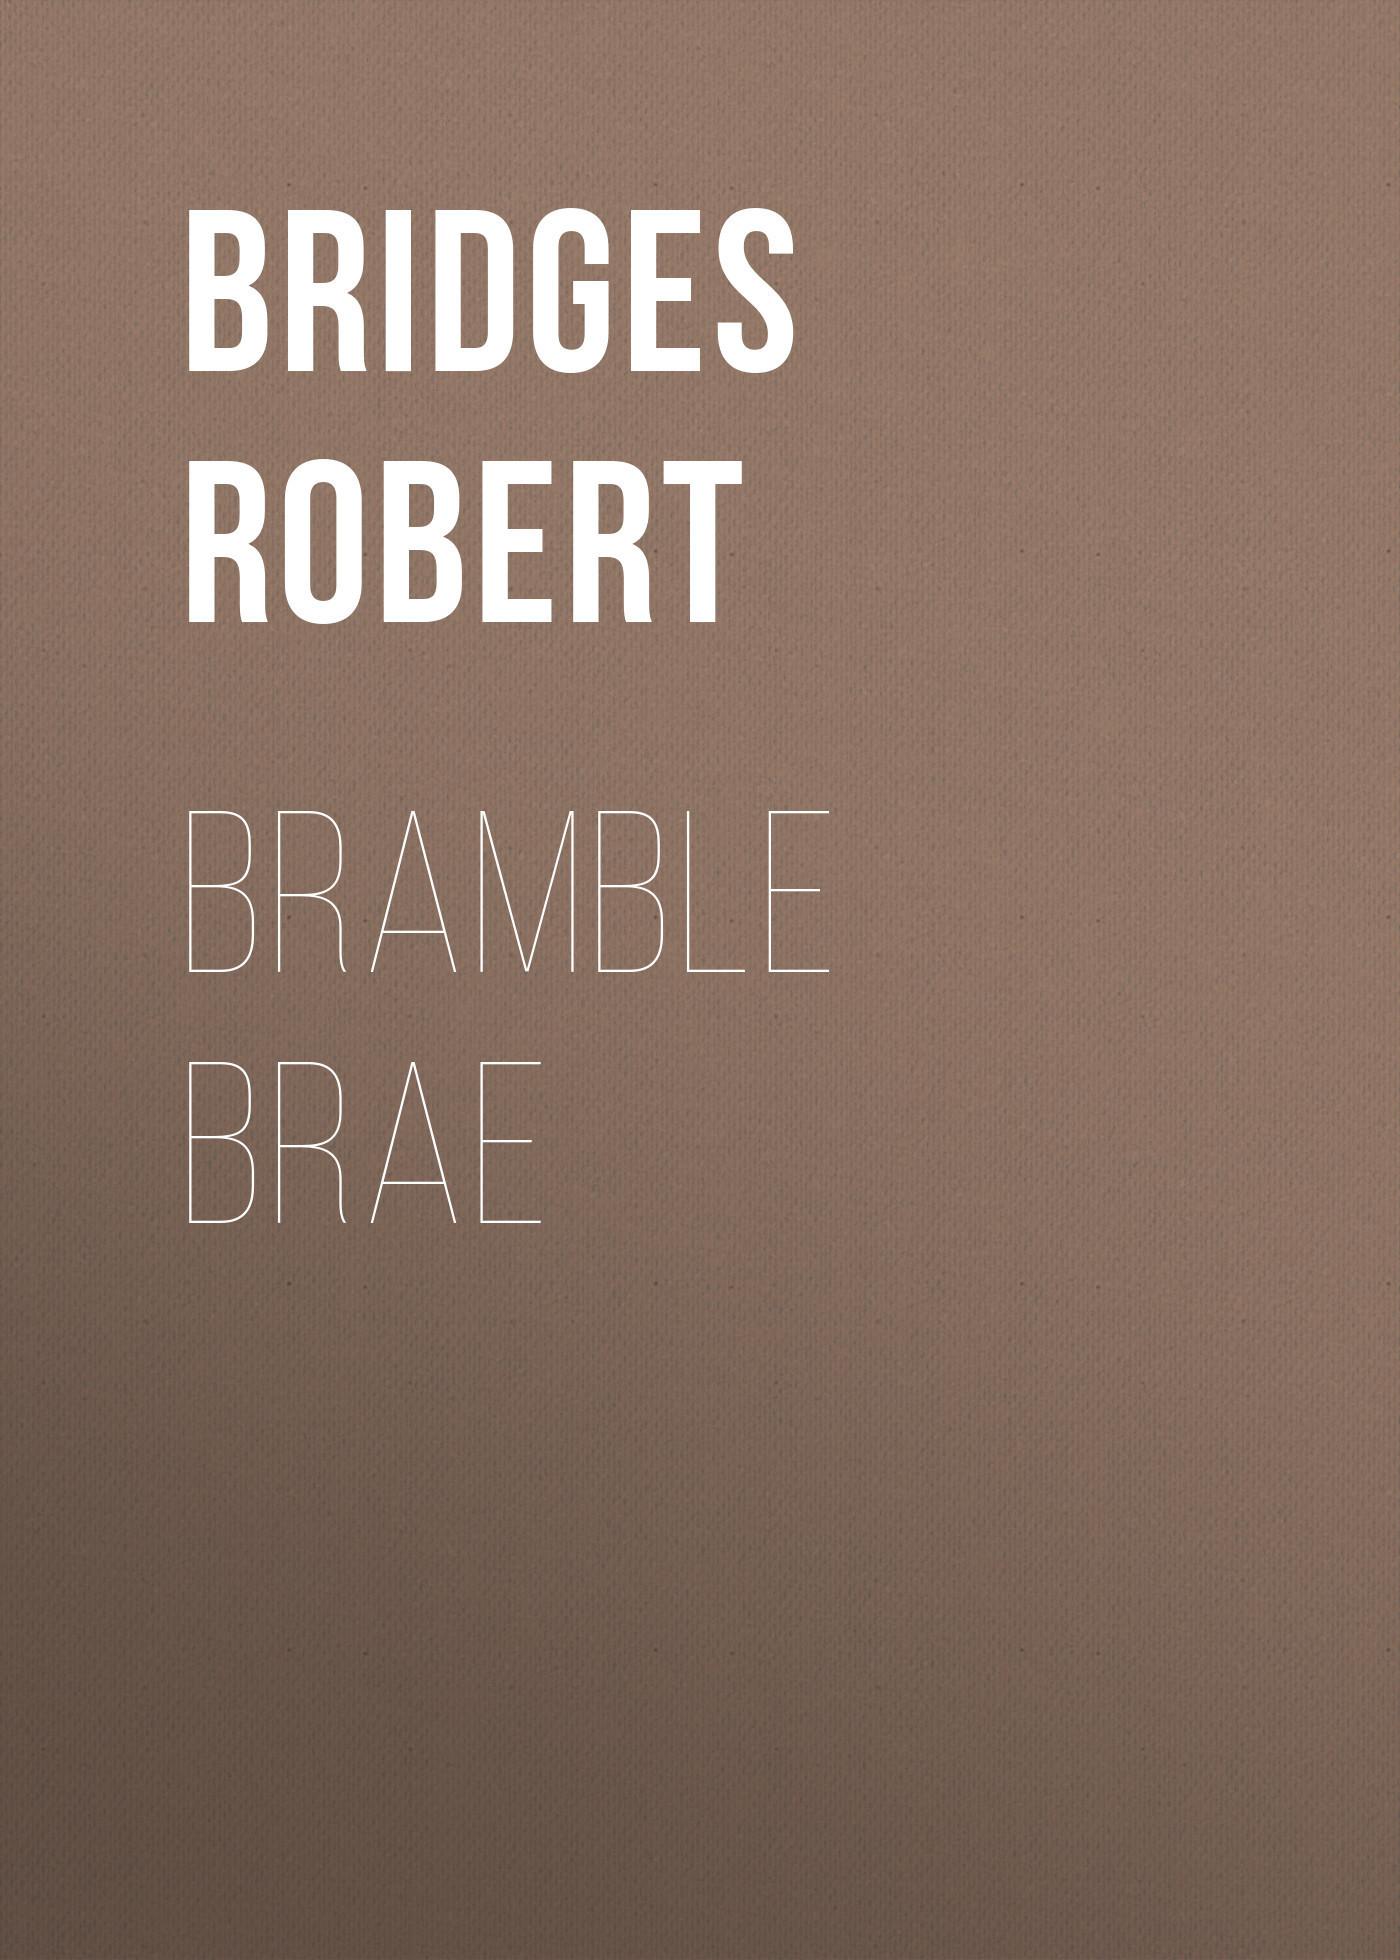 Bridges Robert Bramble Brae leon bridges köln